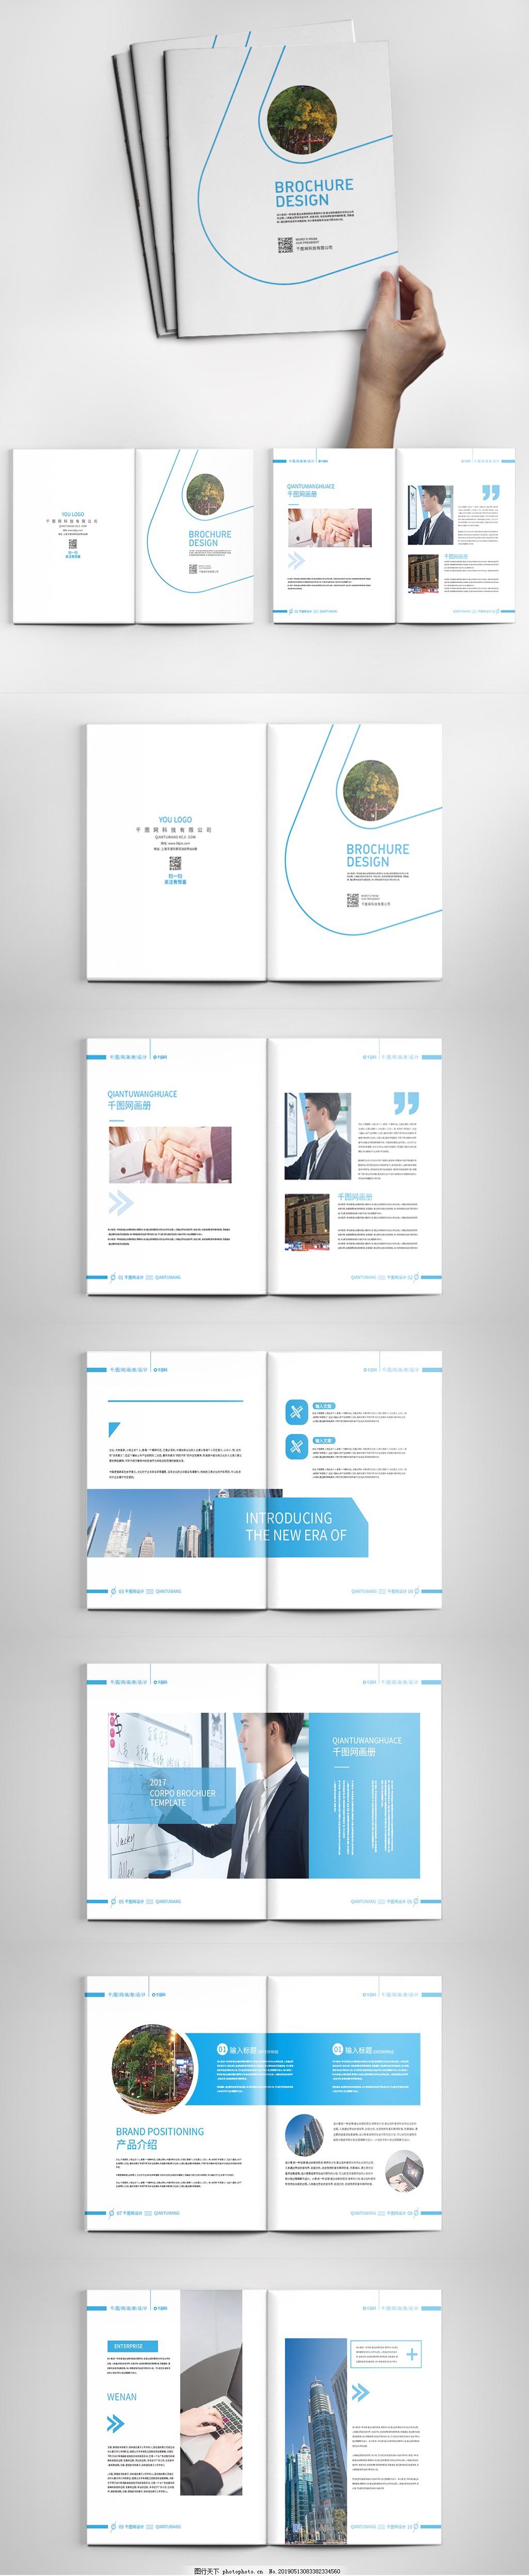 简约大气企业画册设计,地产画册,房地产画册,简约画册,画册封面,画册内页,广告画册